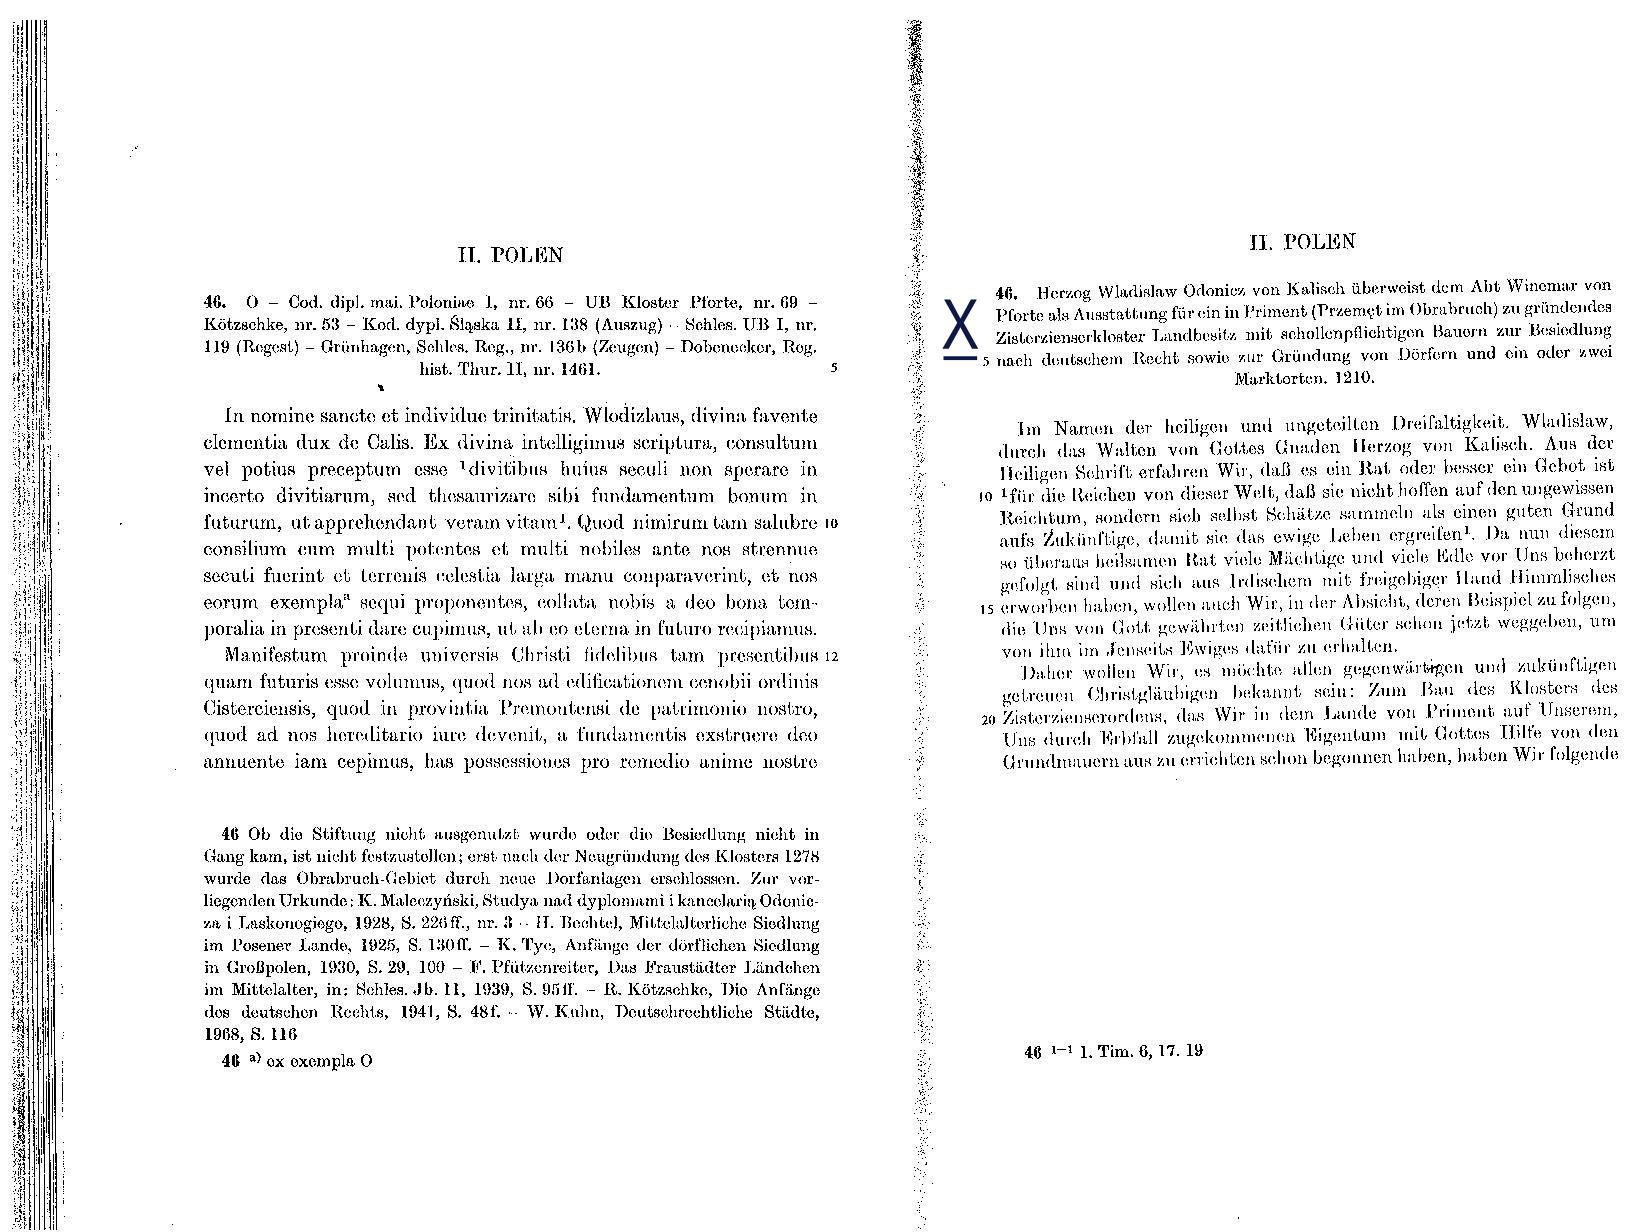 Zisterzienserorden in Primen/Schlesien